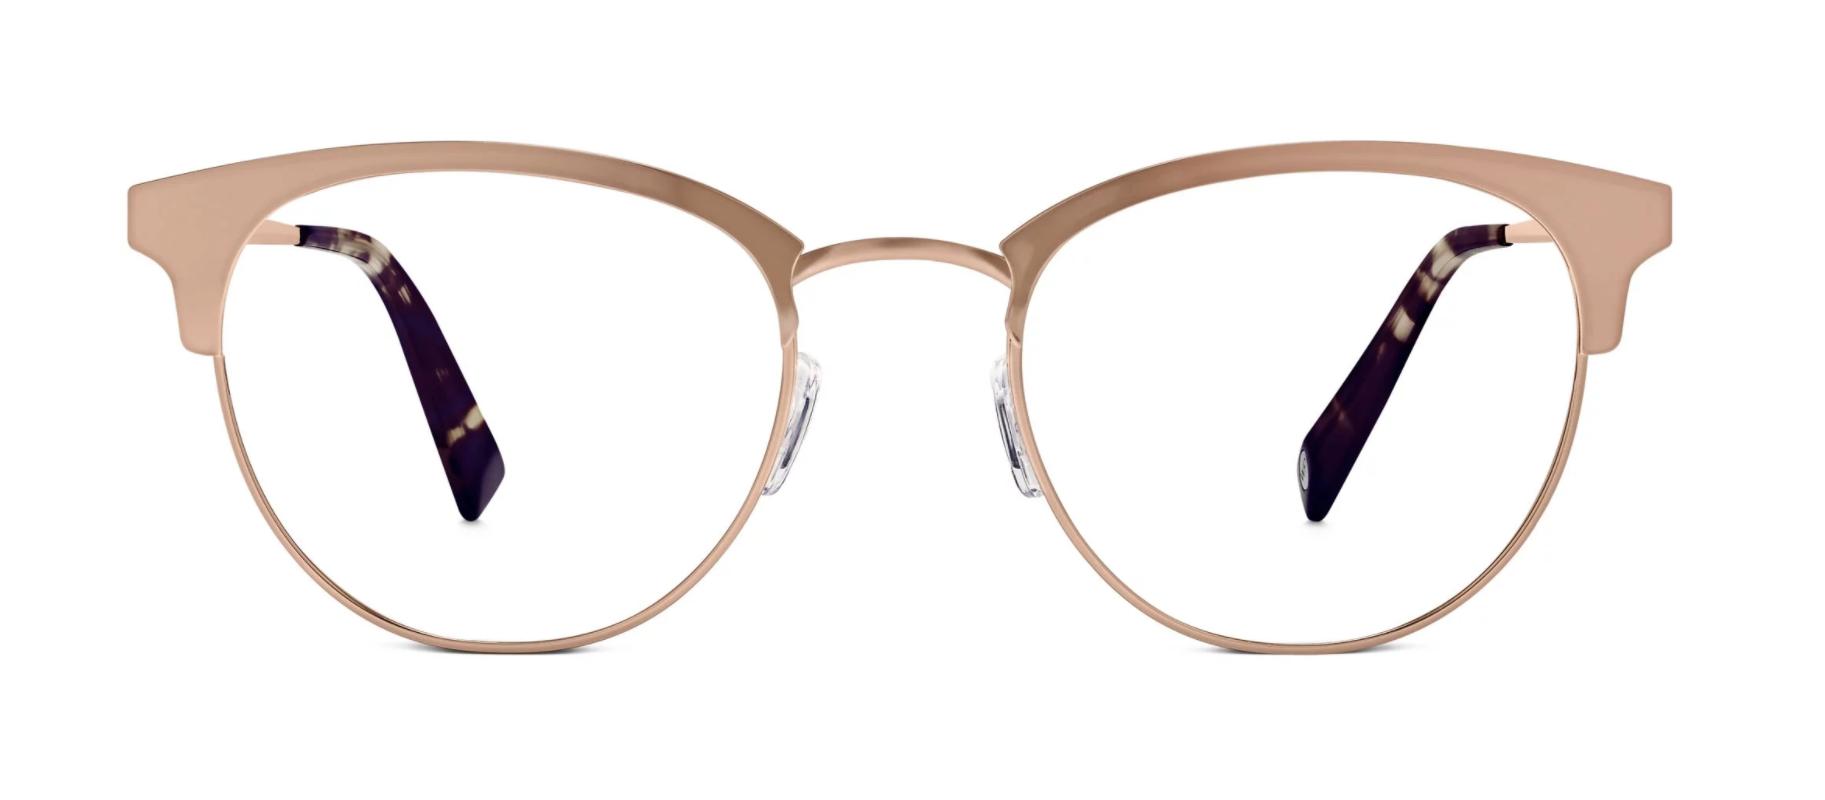 Copy of Warby Parker Rose Gold Frames